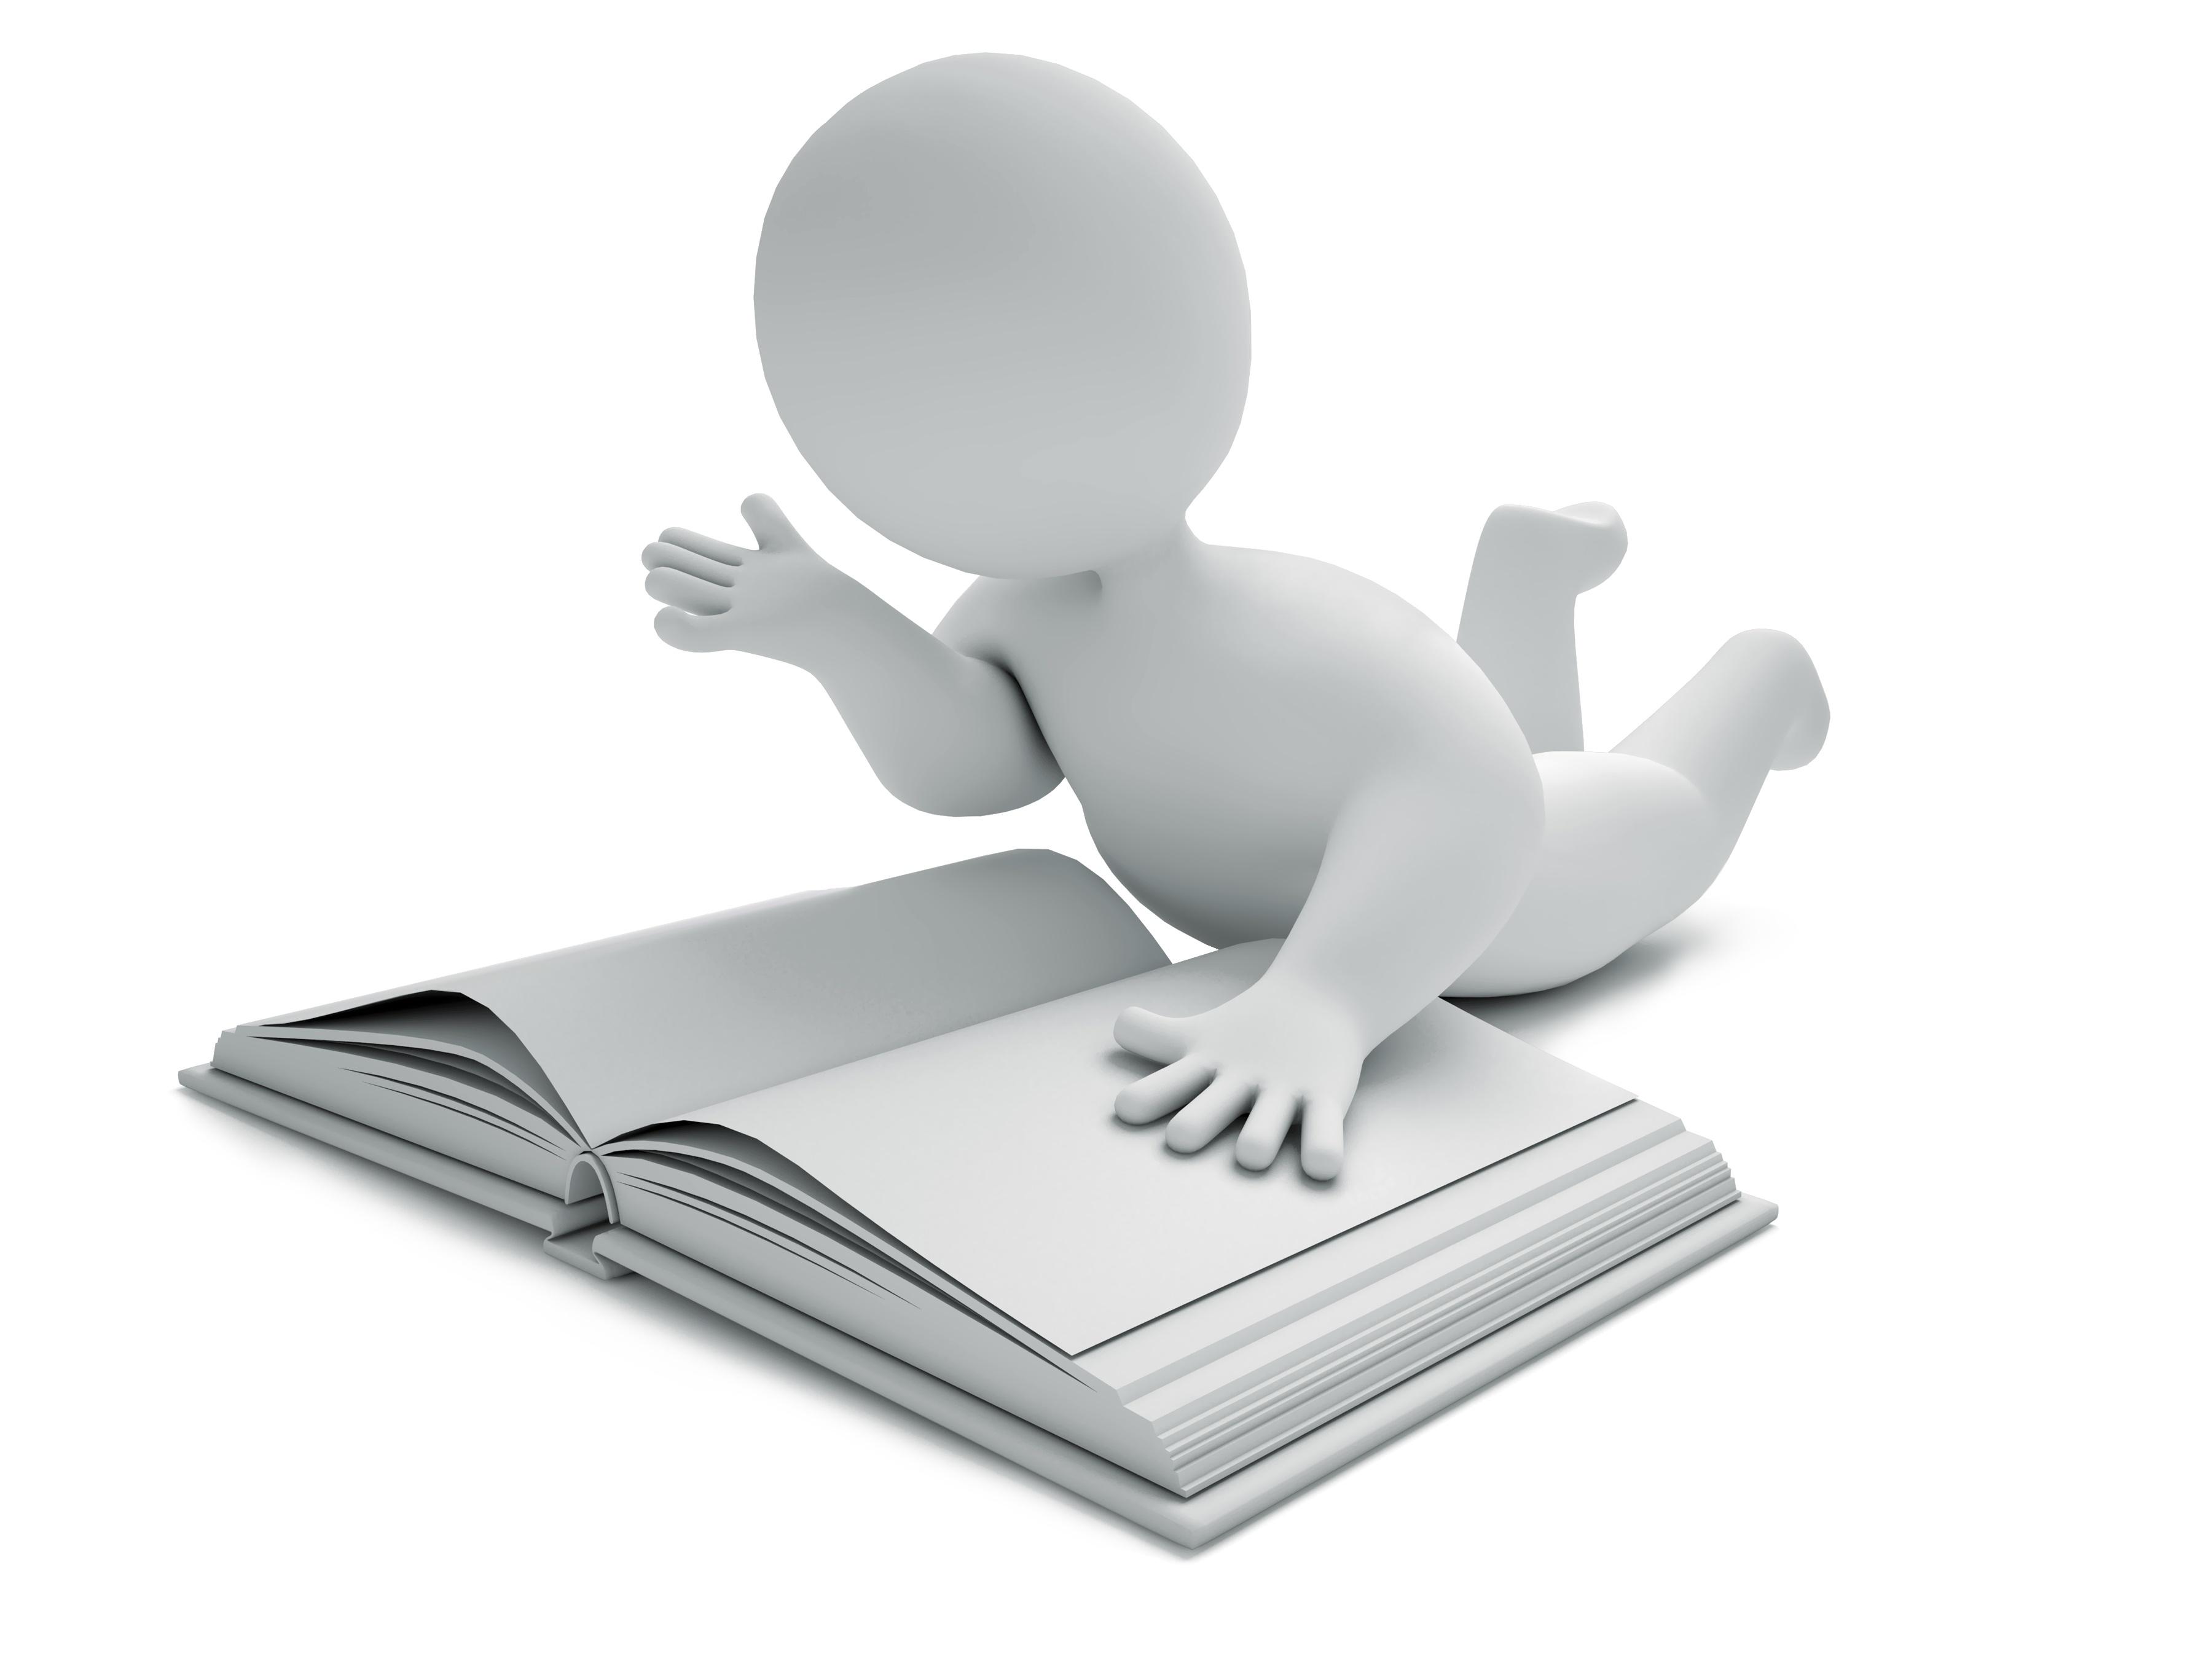 советы личность картинка для презентации с книгой сорта отличаются строением